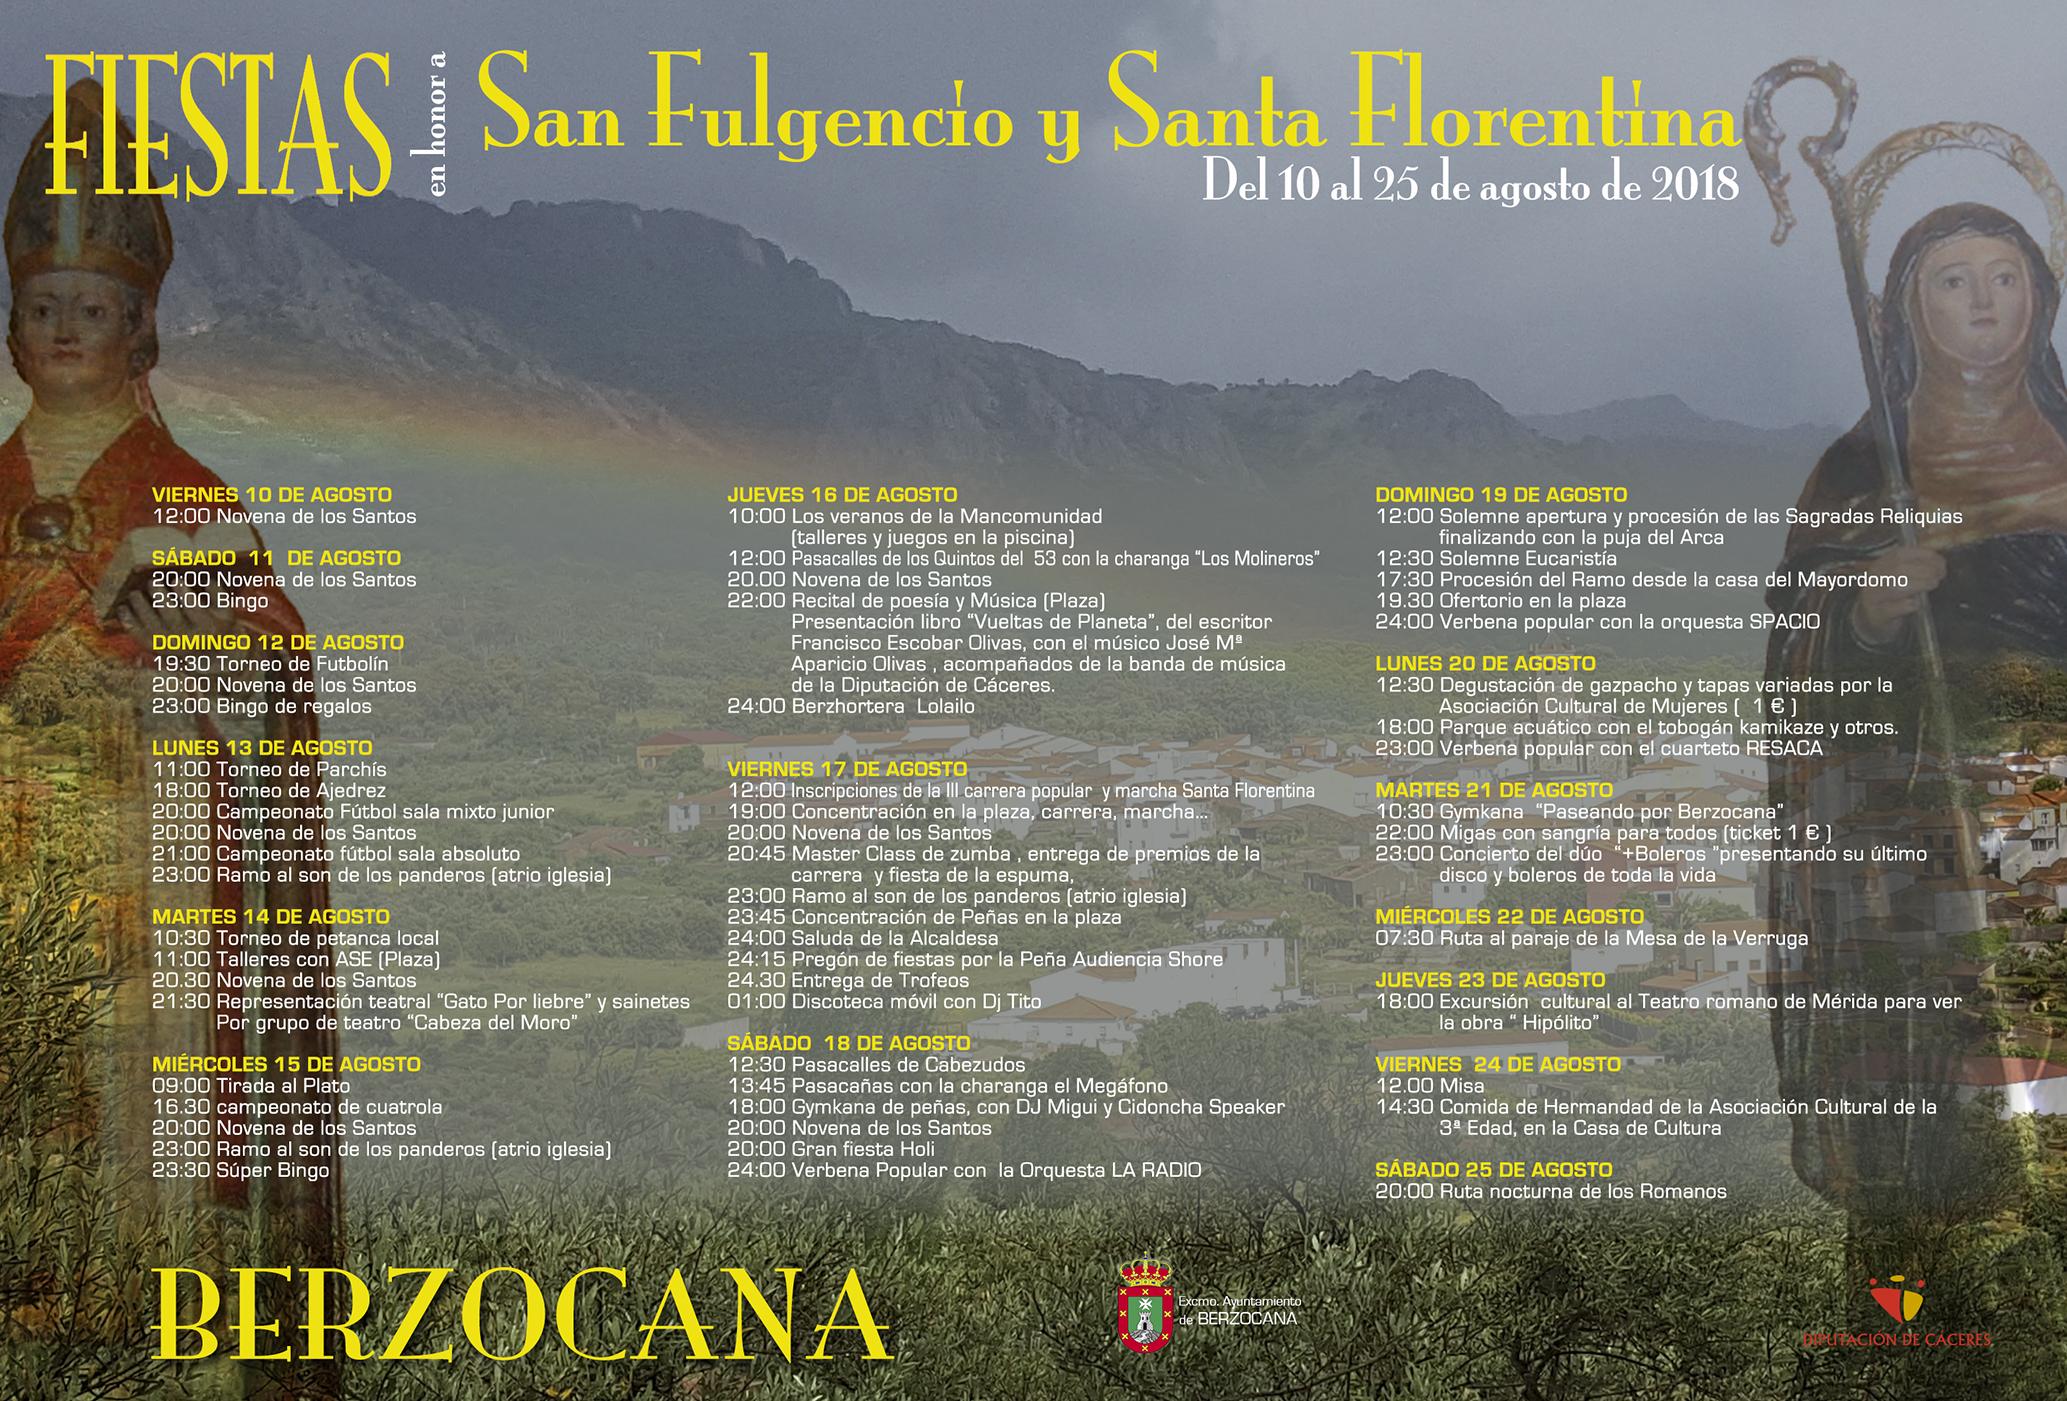 Fiestas en honor a San Fulgencio y Santa Florentina 2018 - Berzocana